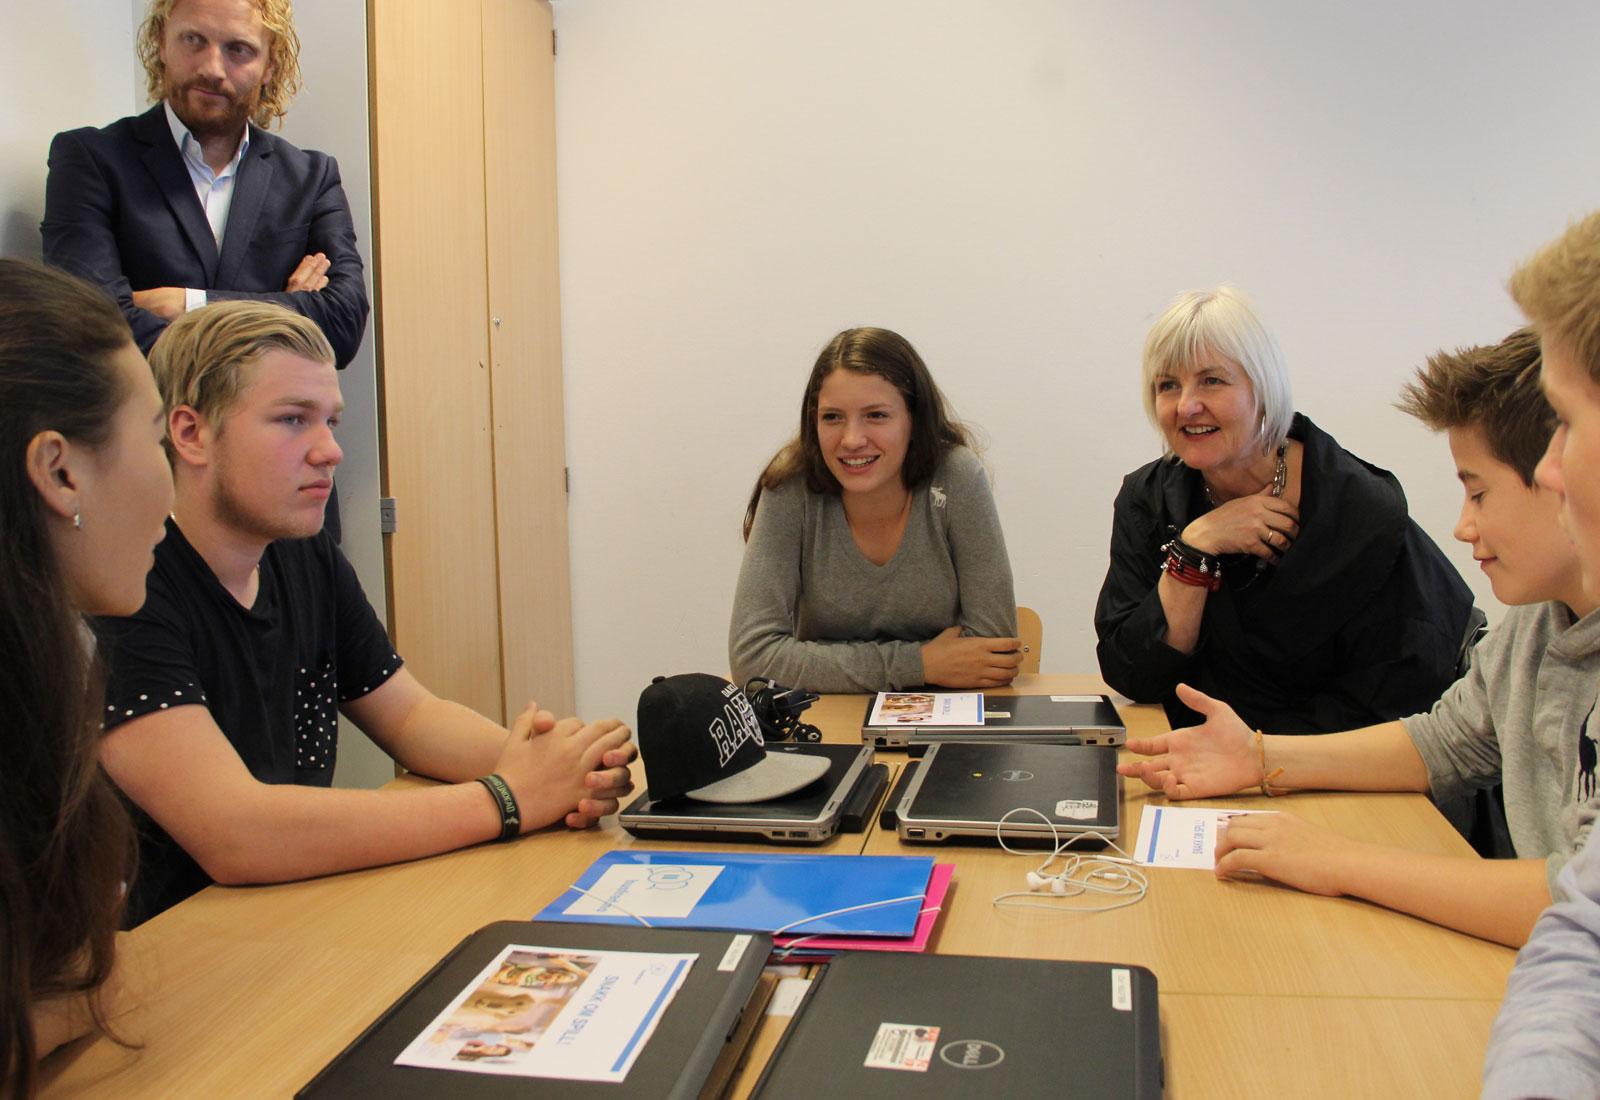 Bilde fra lanseringen av husfred.no – snakk om spill på Engebråten skole. Med fylkesmann Valgerd Svarstad Haugland.